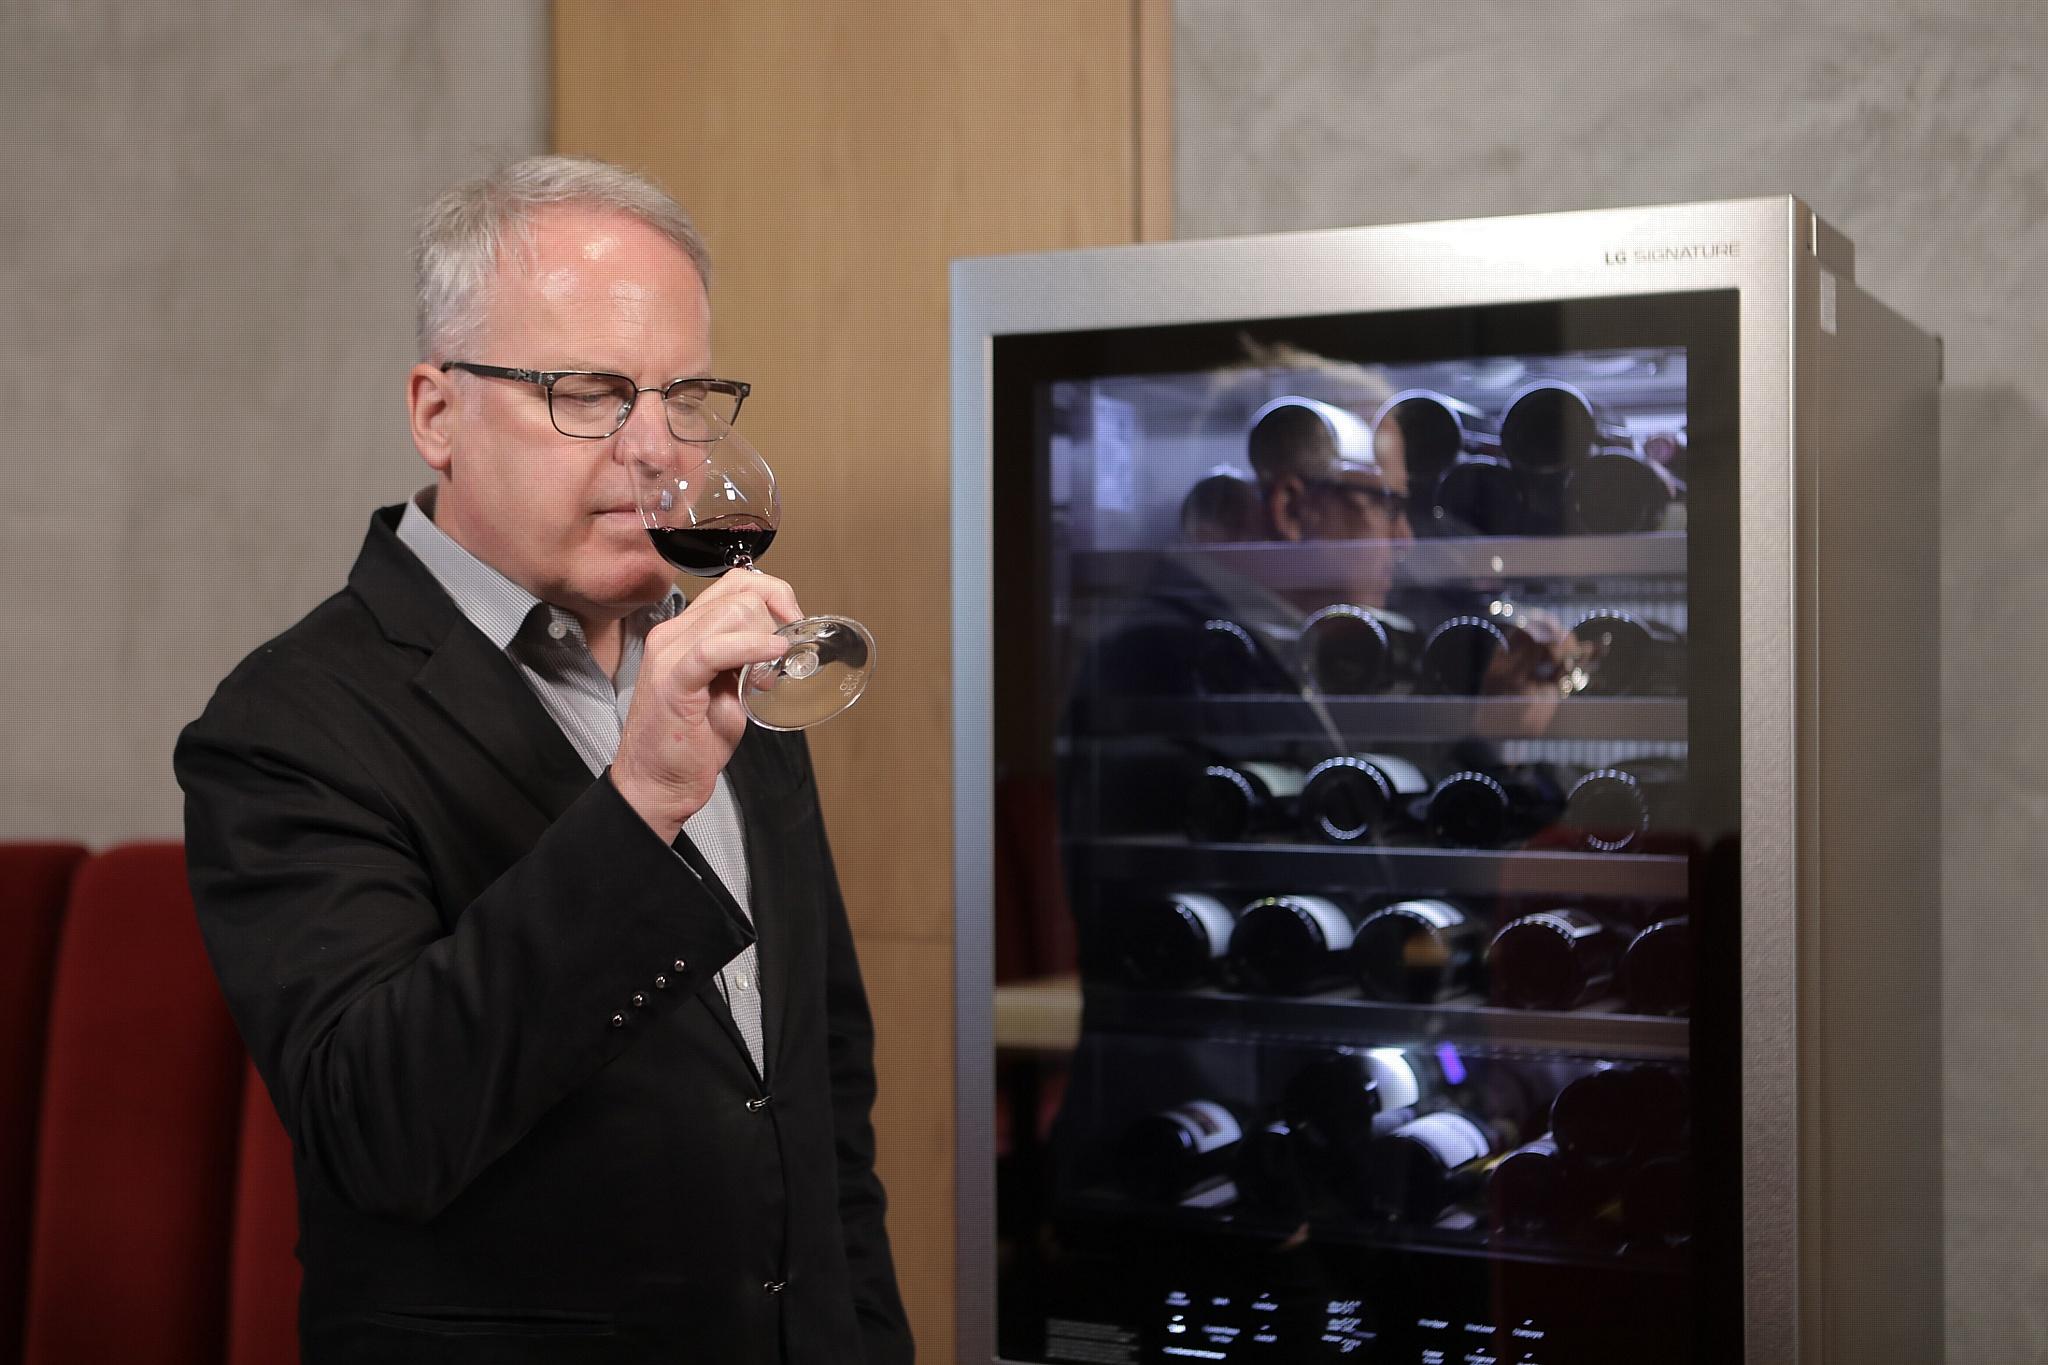 LG Signature и винный критик Джеймс Саклинг о наслаждении вином